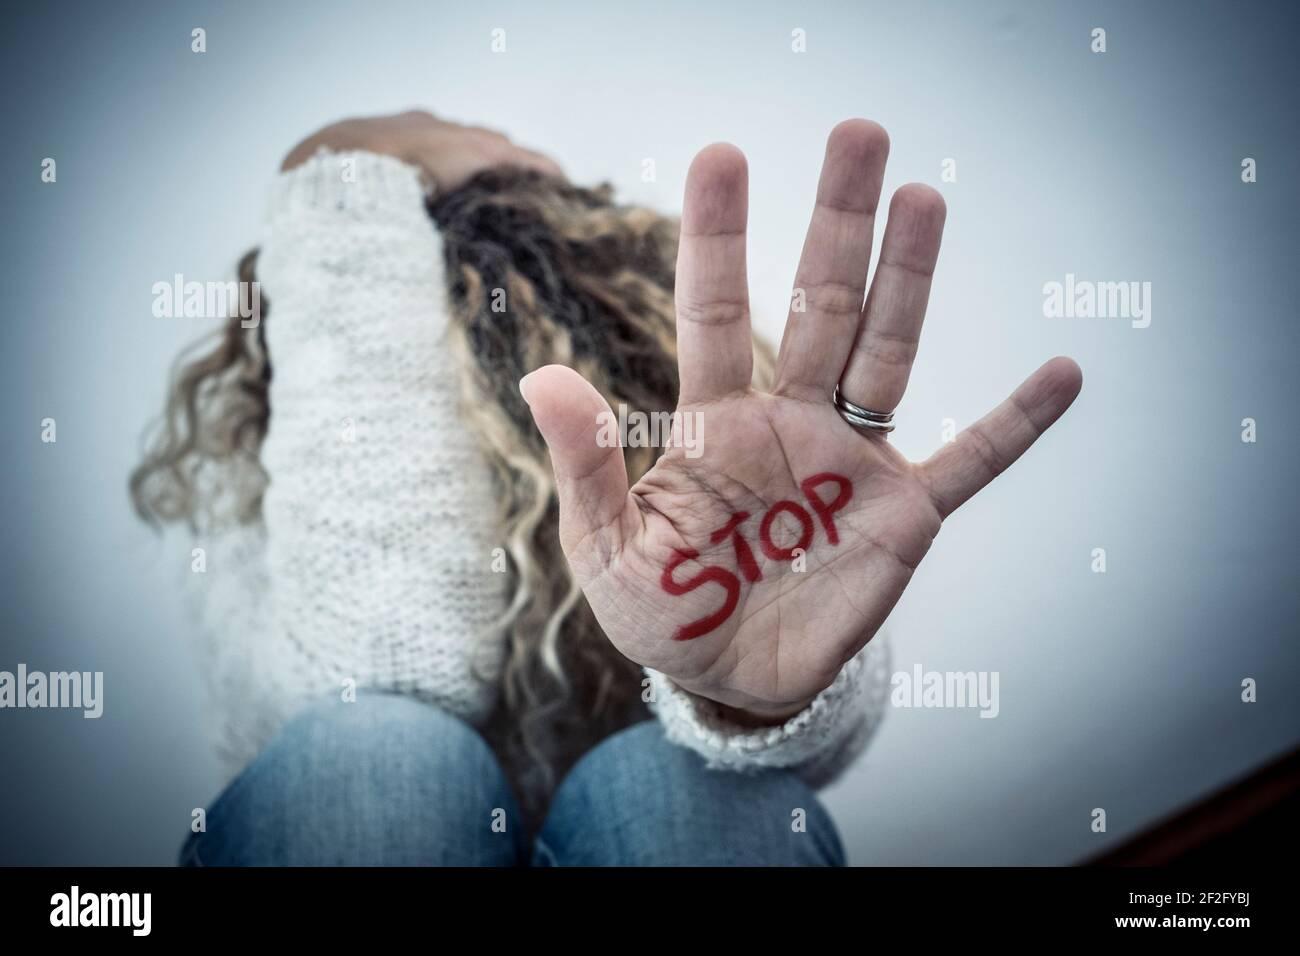 Stop Kriminalität Gewalt Missbrauch von Frauen von Männern - Frau Schützen Sie sich auf dem Boden sitzend mit der Hand zur Verteidigung - häusliche Kriminalität Gewalt und paar abuese Stockfoto